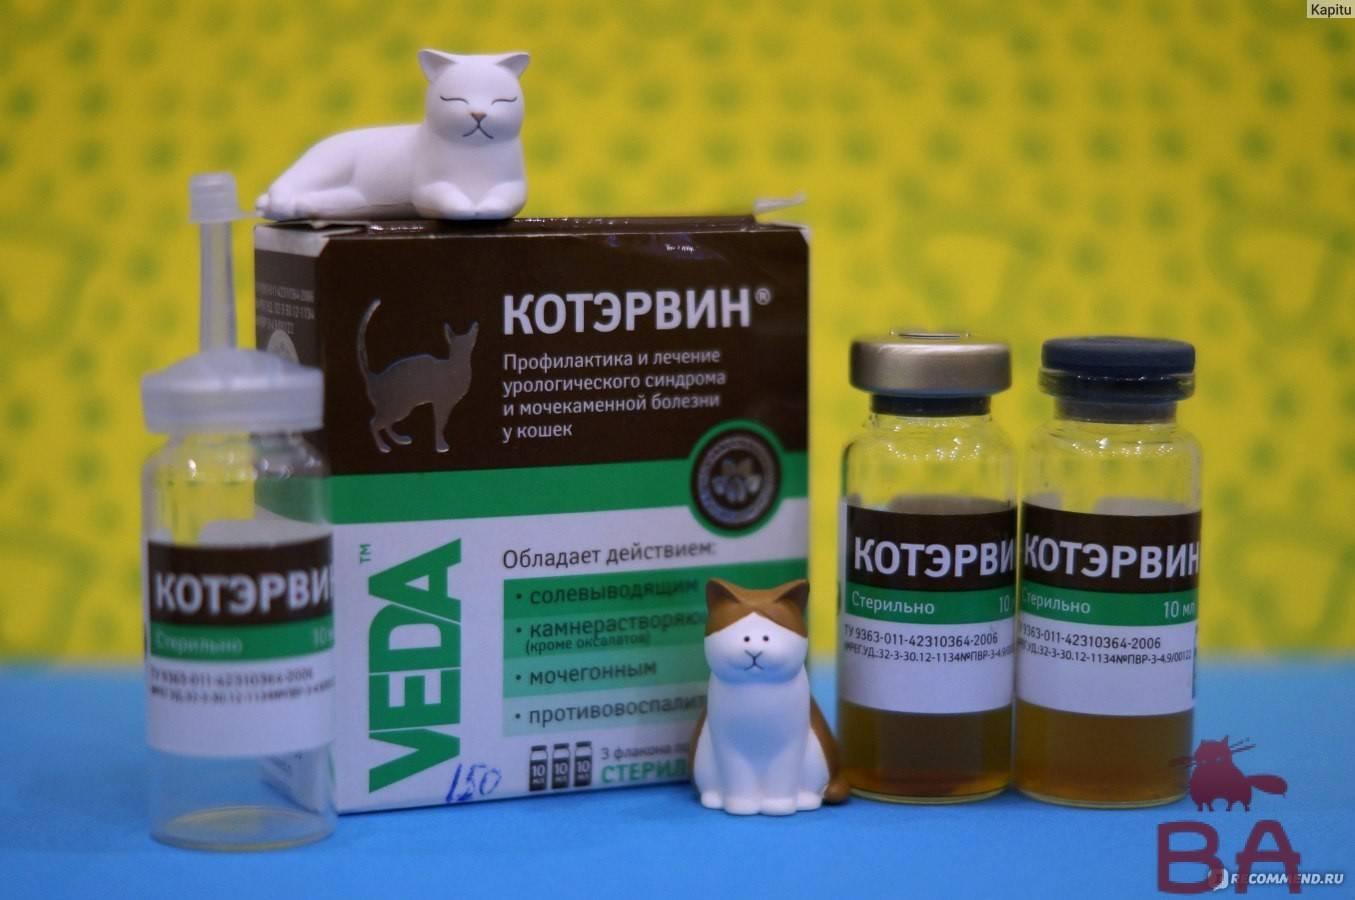 Ветеринарный препарат фоспренил: инструкция и особенности применения